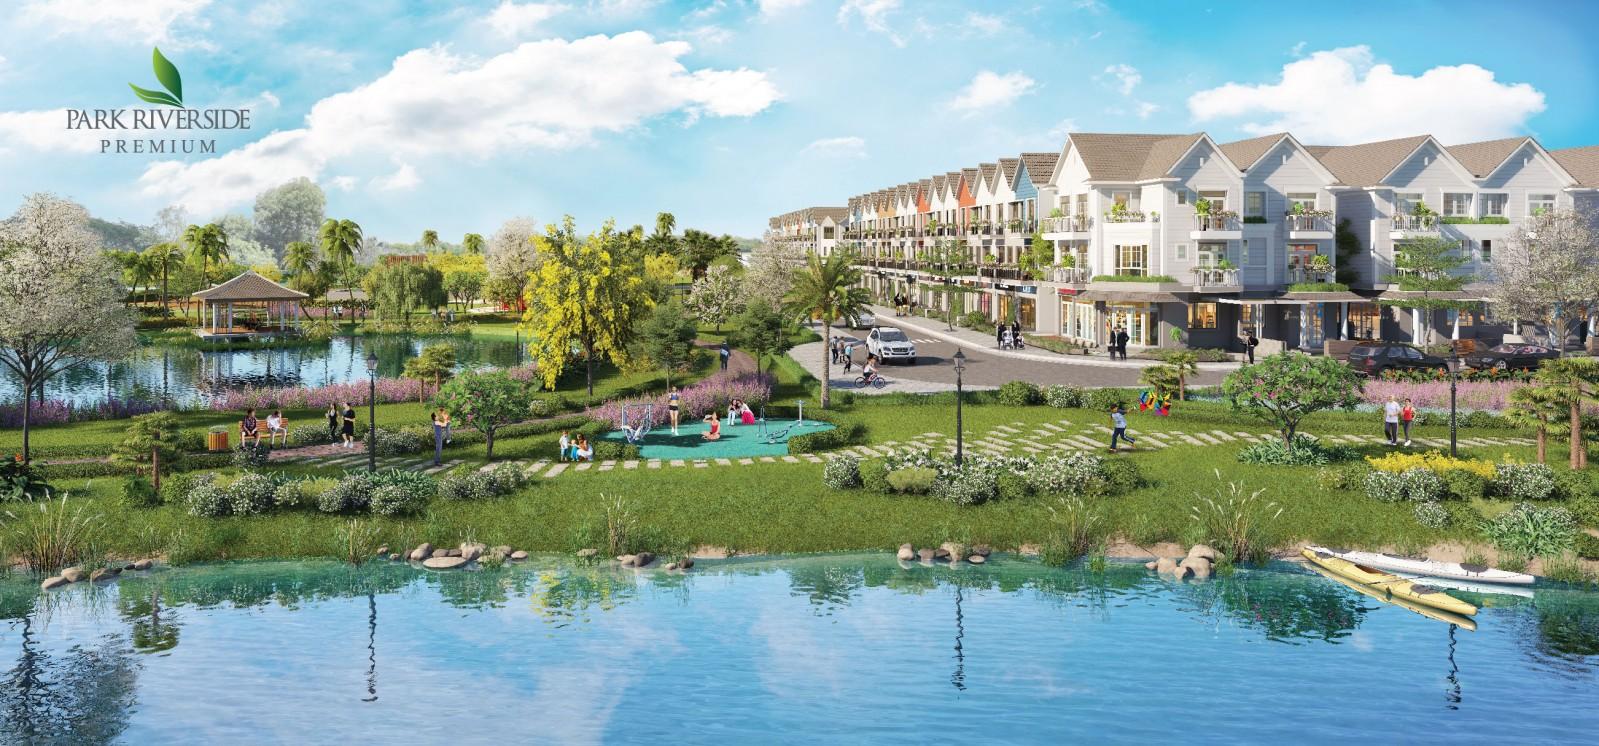 Giải thưởng Dự án ven sông tốt nhất được trao cho dự án Park Riverside & Park Riverside Premium.